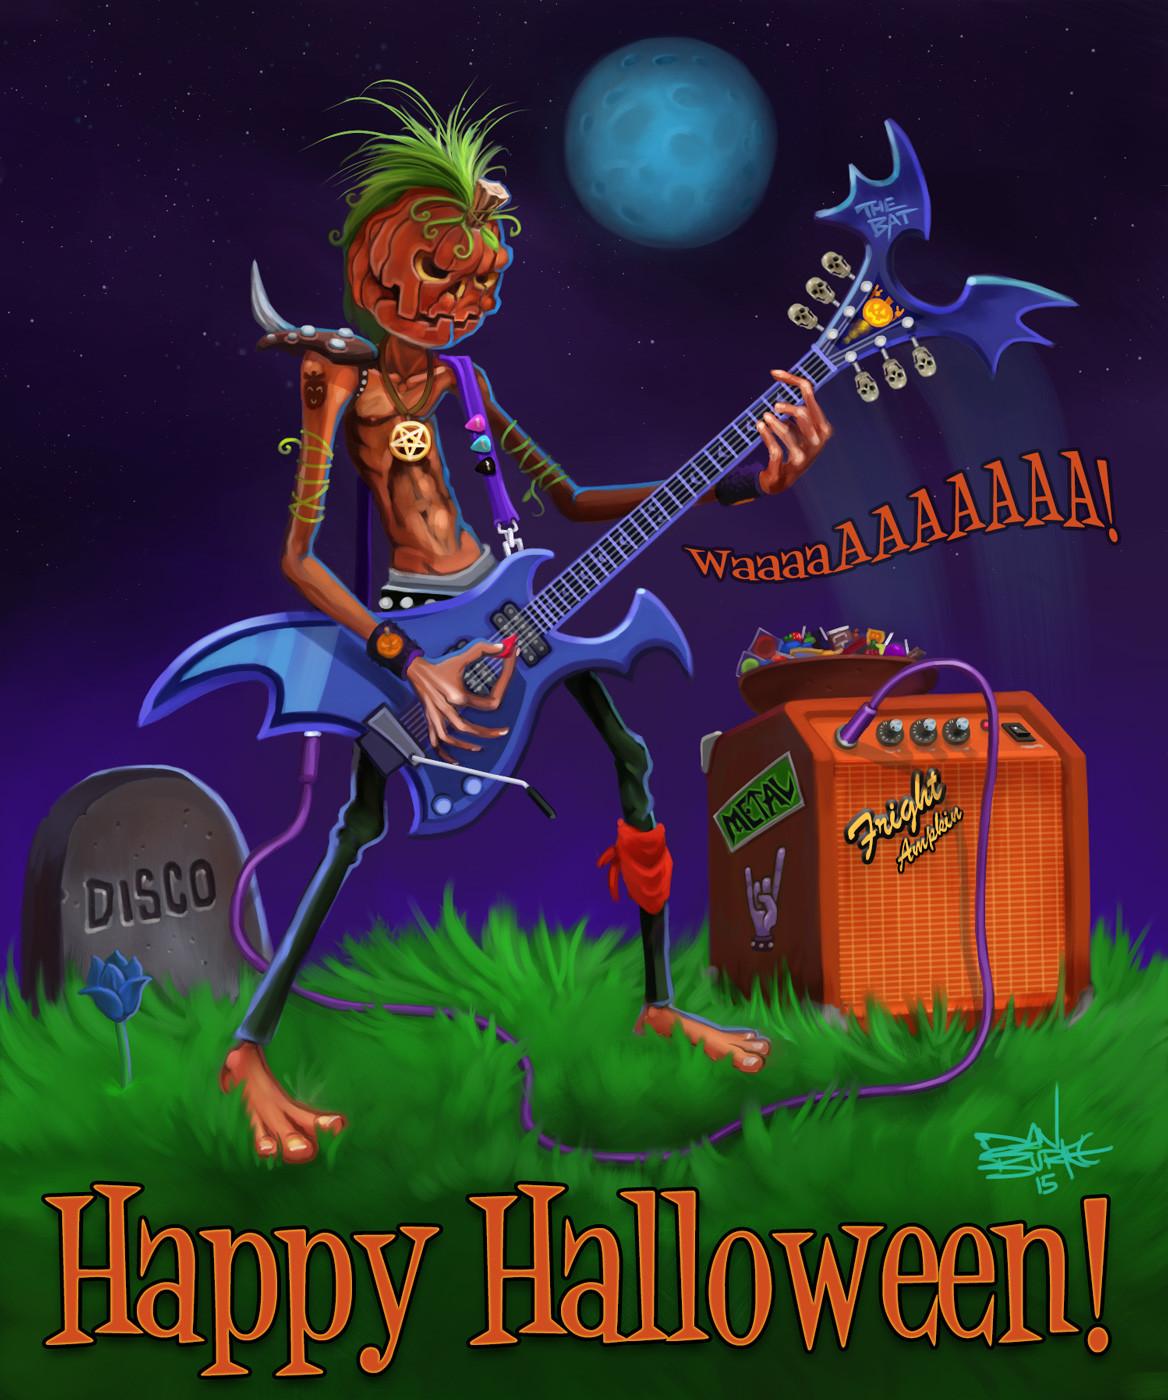 Dan burke happy halloween 2015